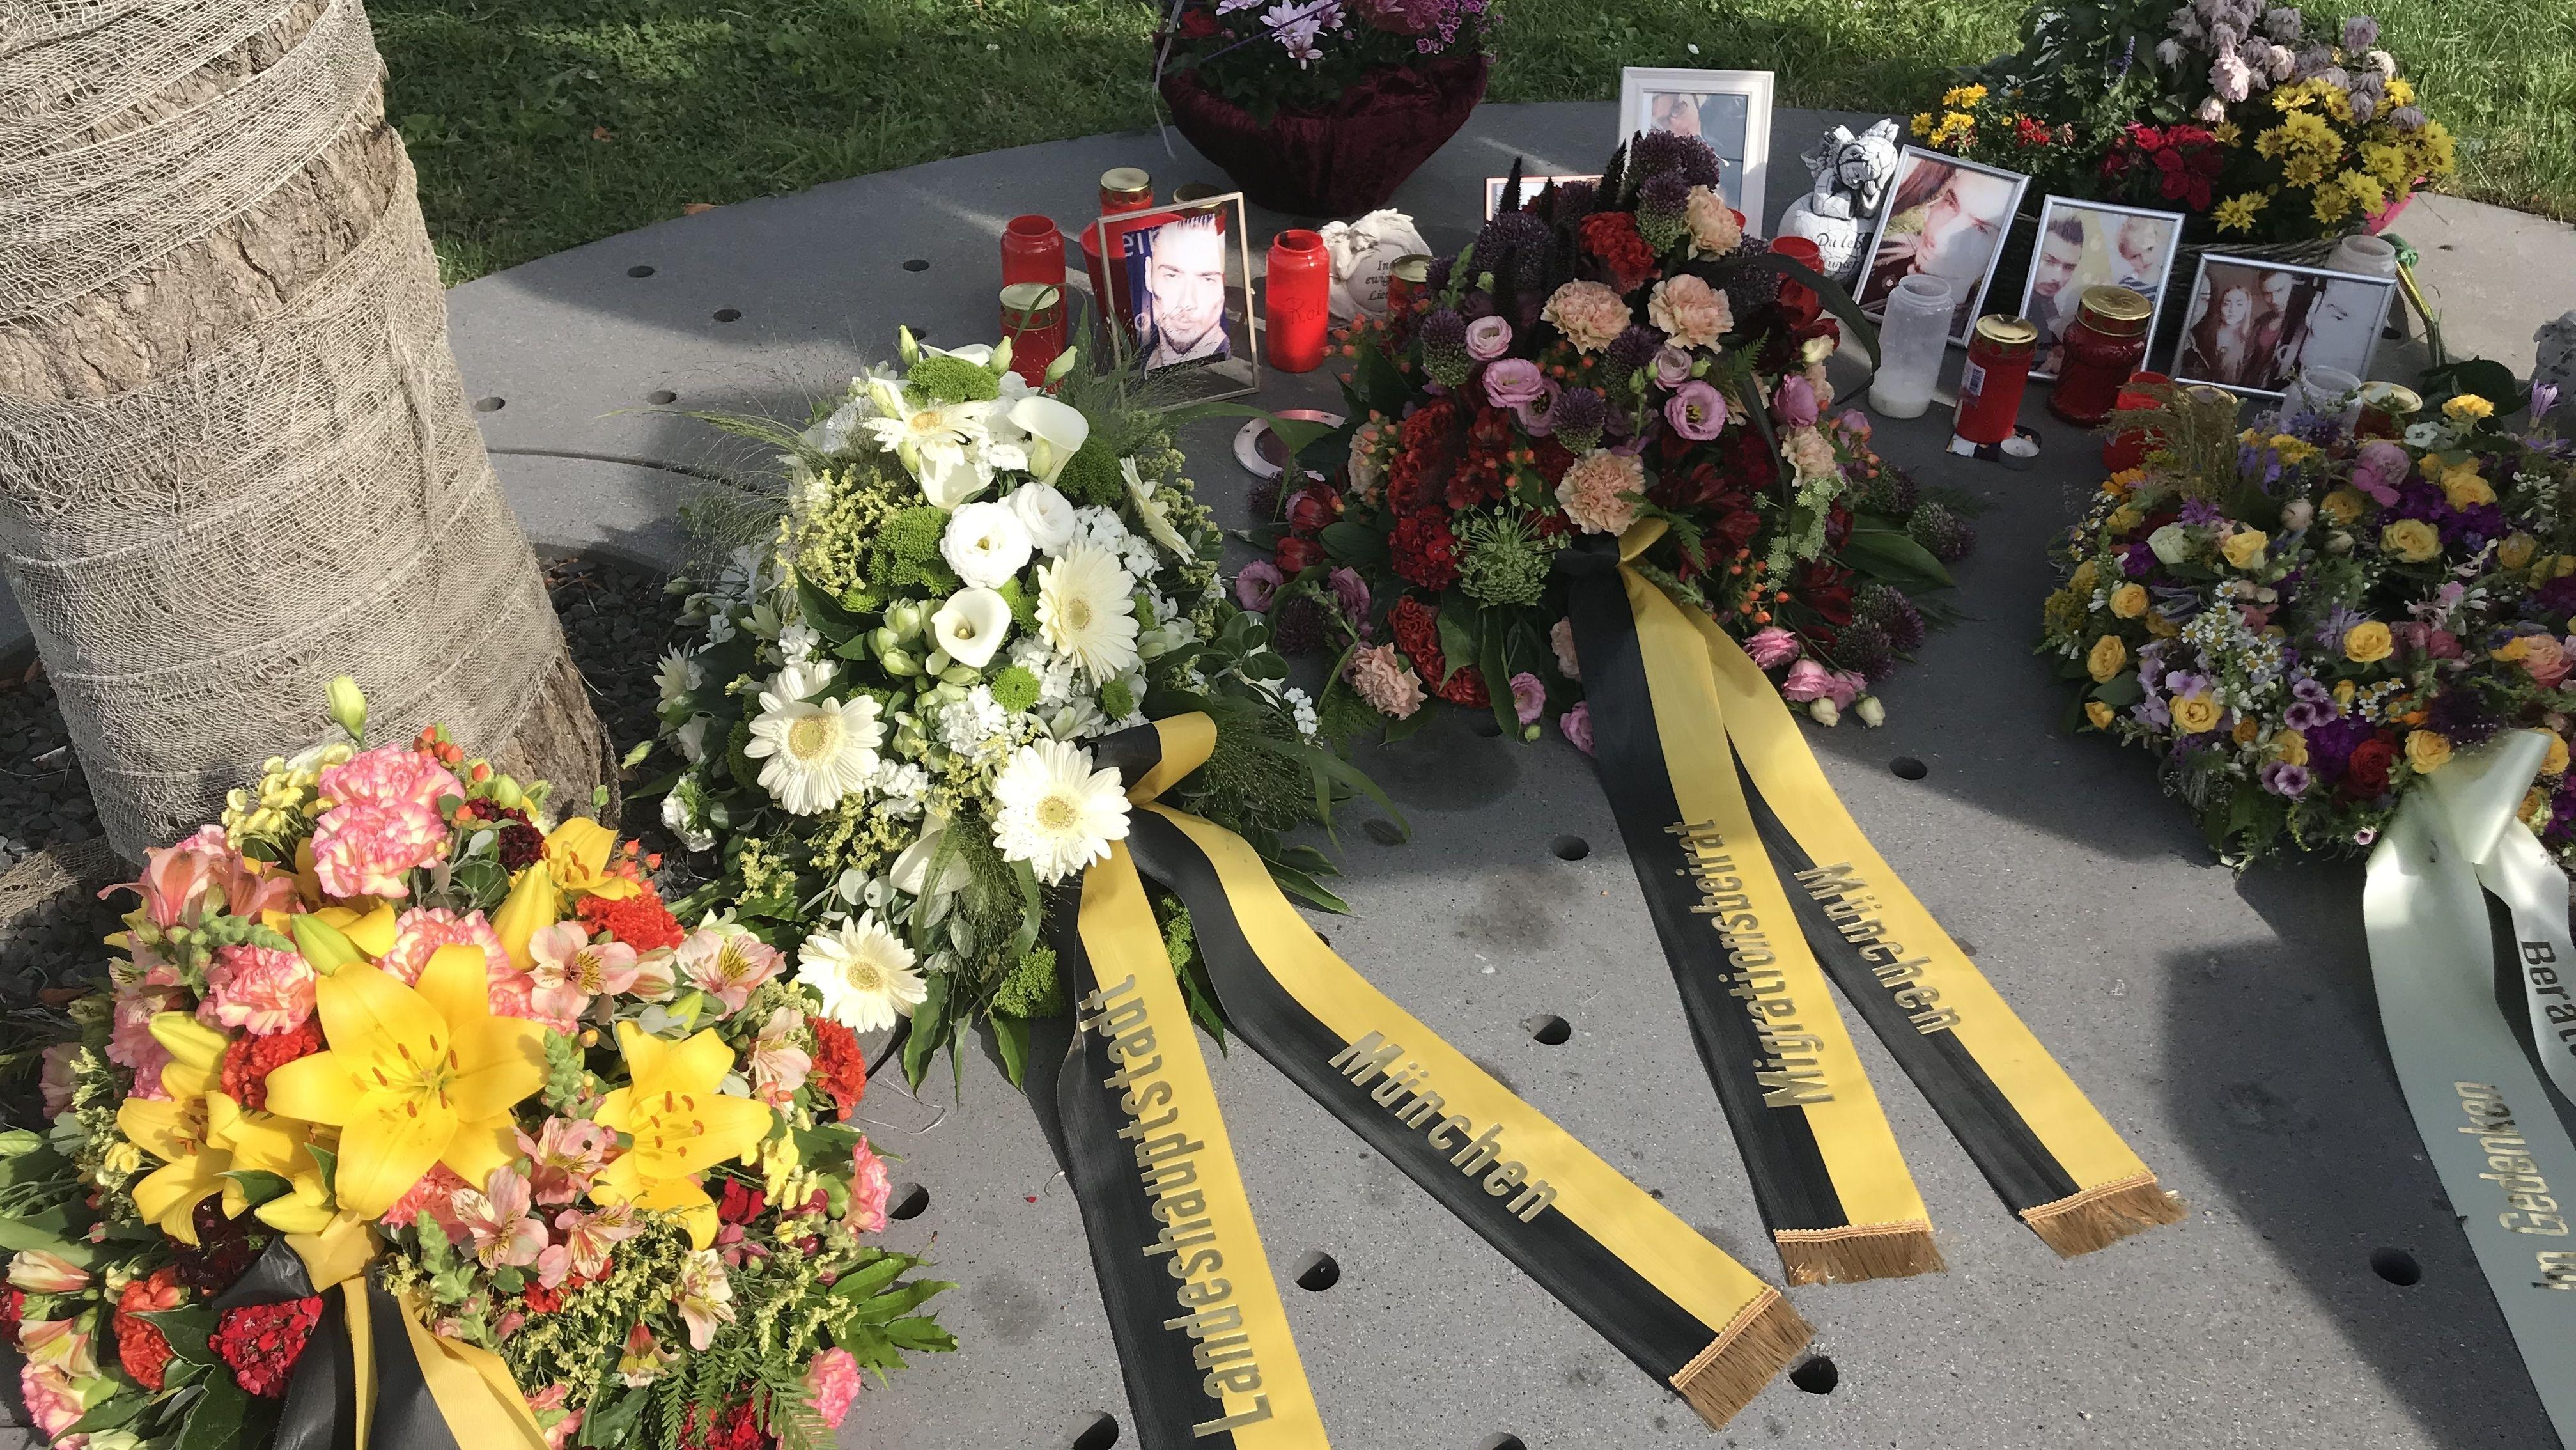 Am dritten Jahrestag des OEZ-Attentats wurden Kränze niedergelegt.